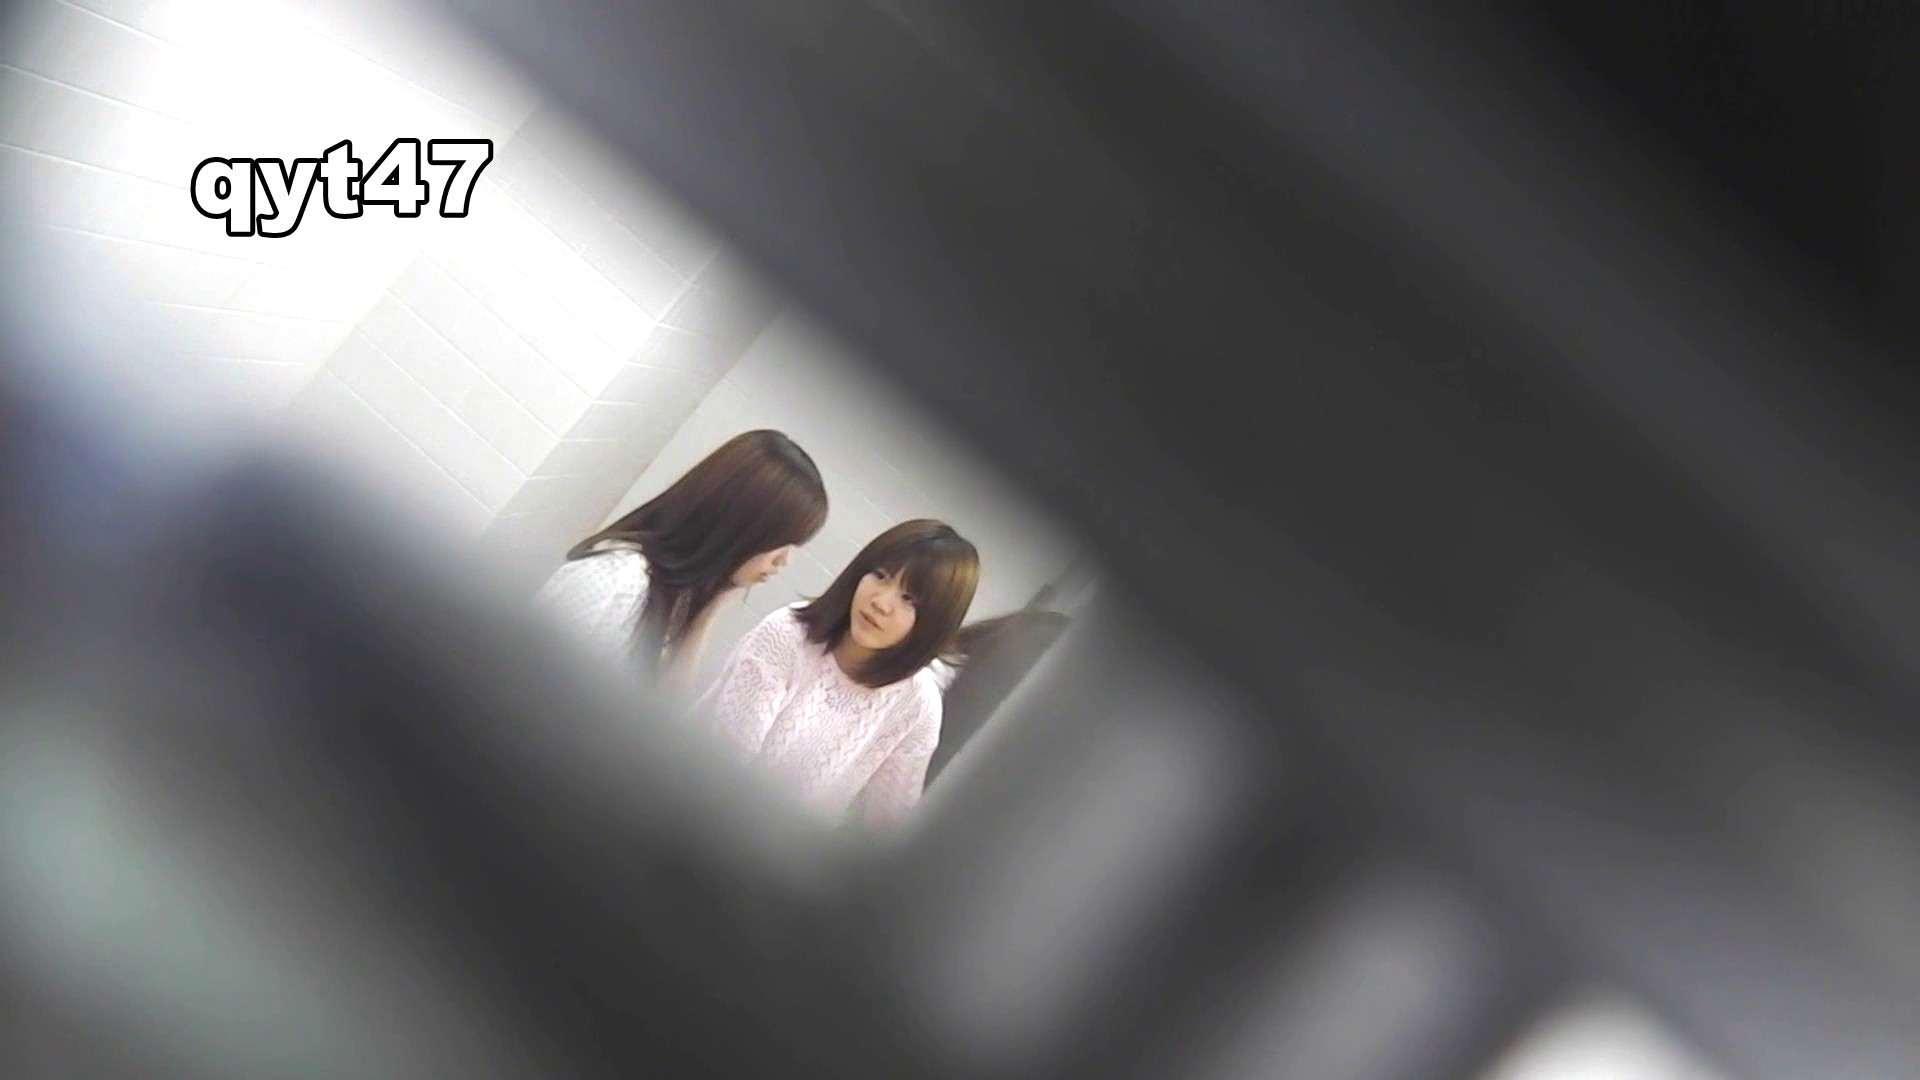 アダルトエロ動画|お銀さんの「洗面所突入レポート!!」 vol.47 (⌒-⌒)キラッ♪|怪盗ジョーカー